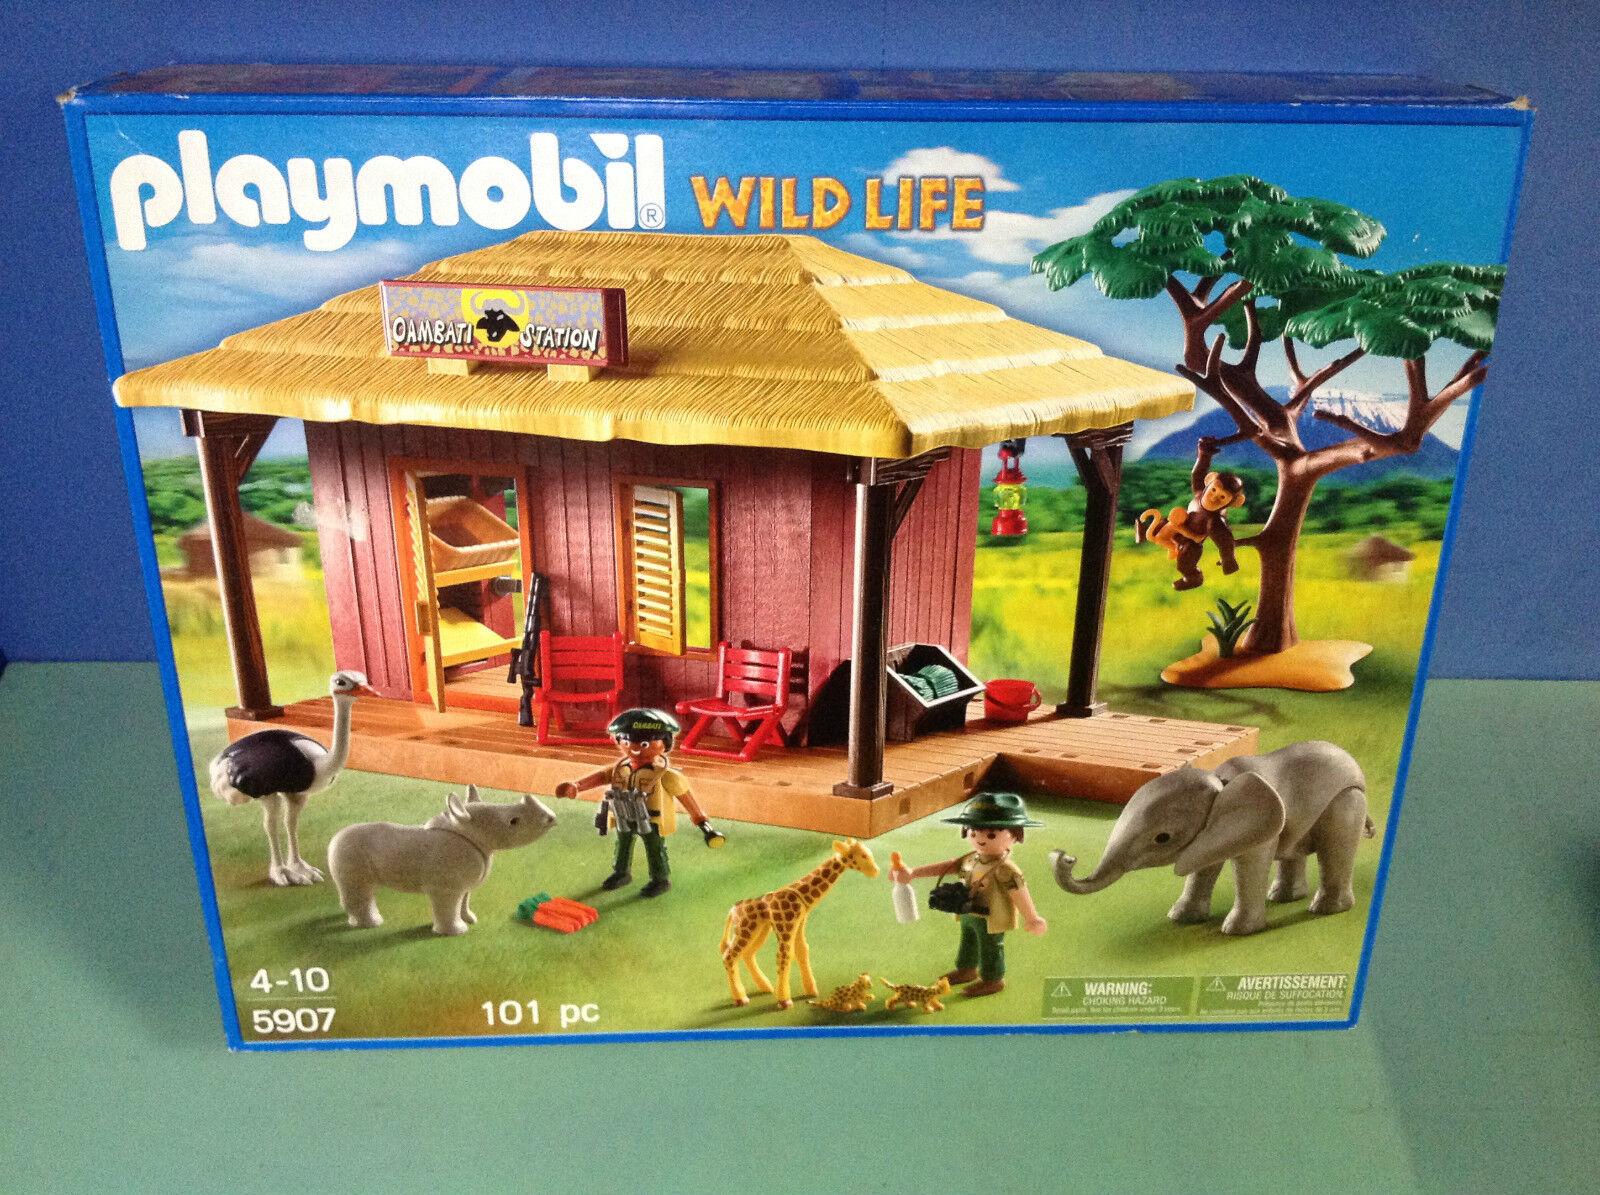 (O5907) playmobil maison safari et bébés animaux  en boite 100% complet ref 5907  essere molto richiesto